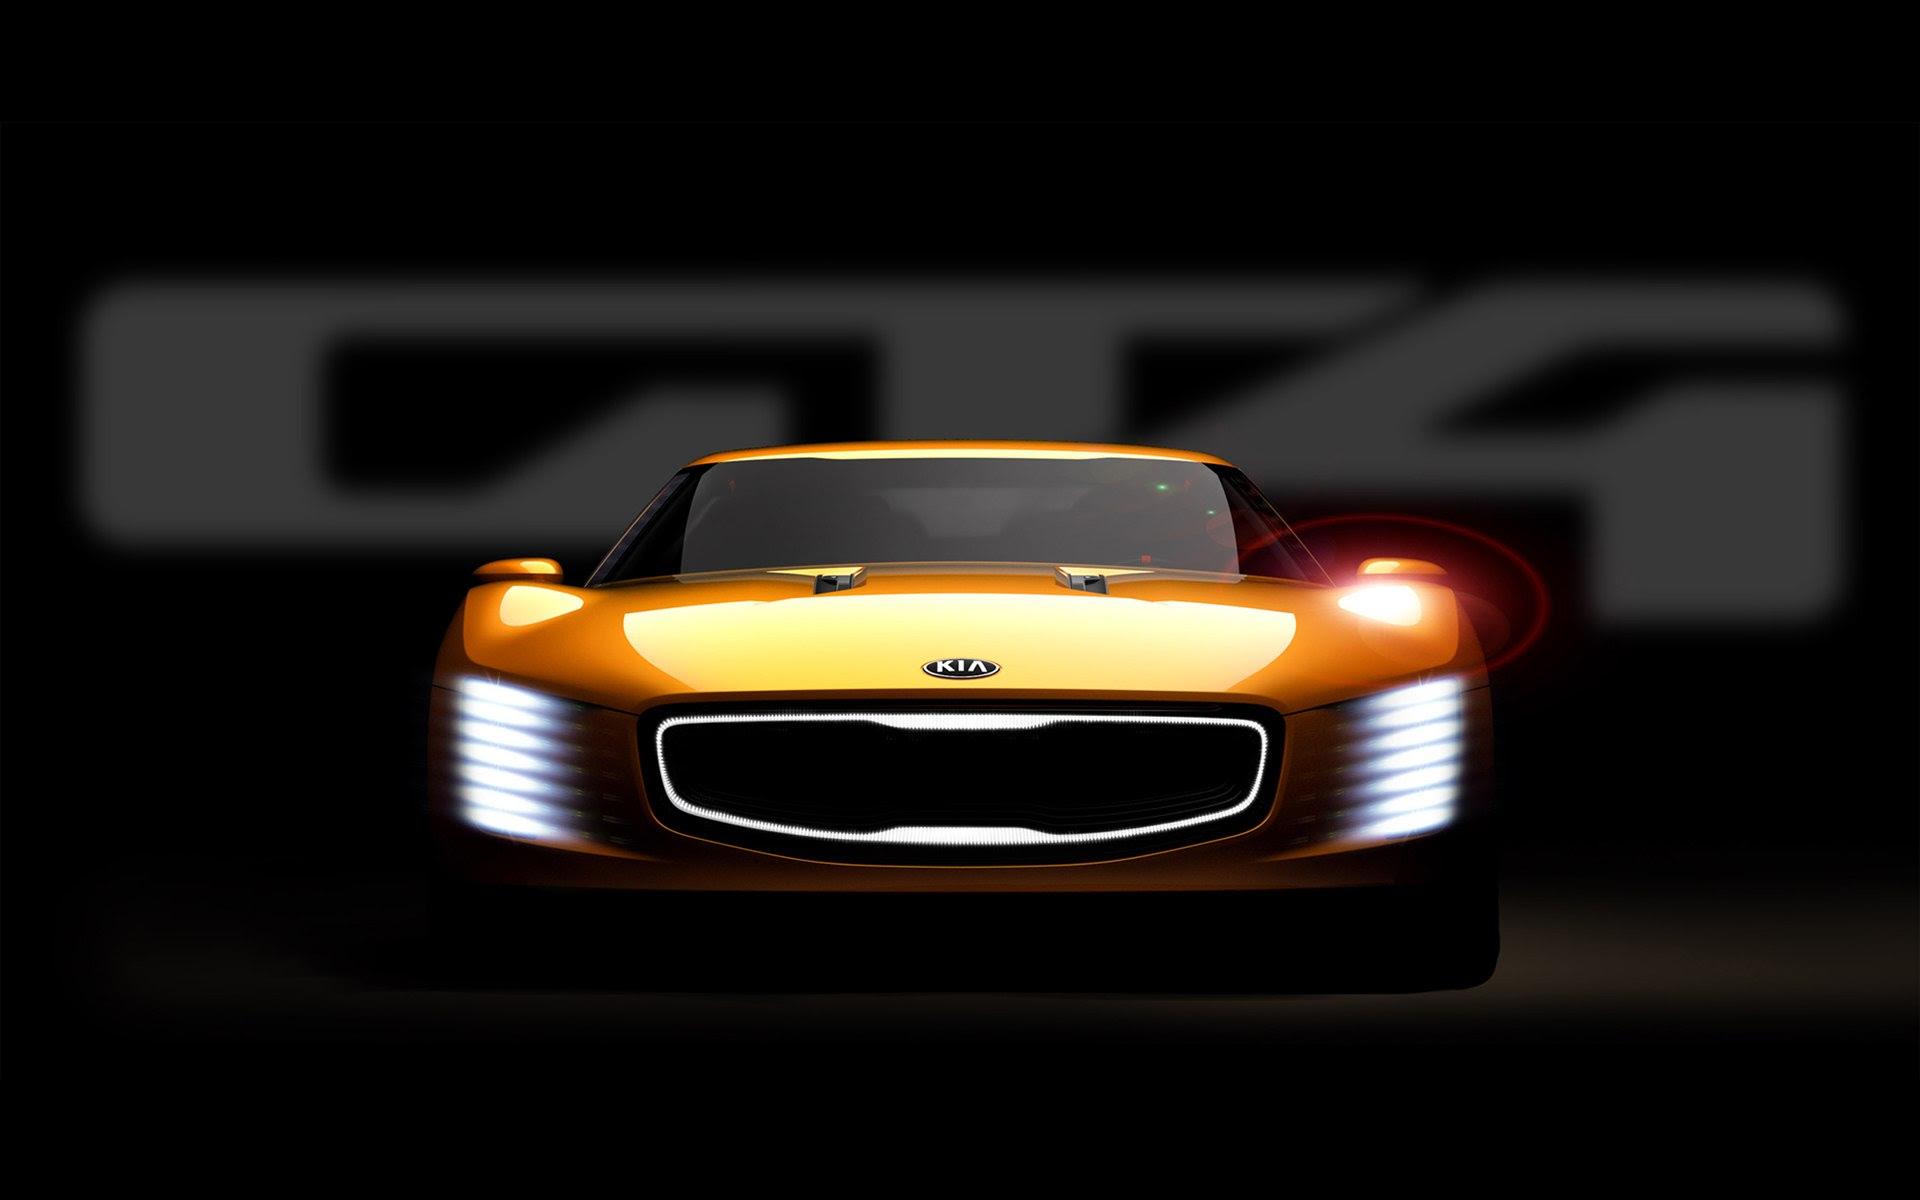 2014 Kia GT4 Stinger Concept 4 Wallpaper | HD Car ...